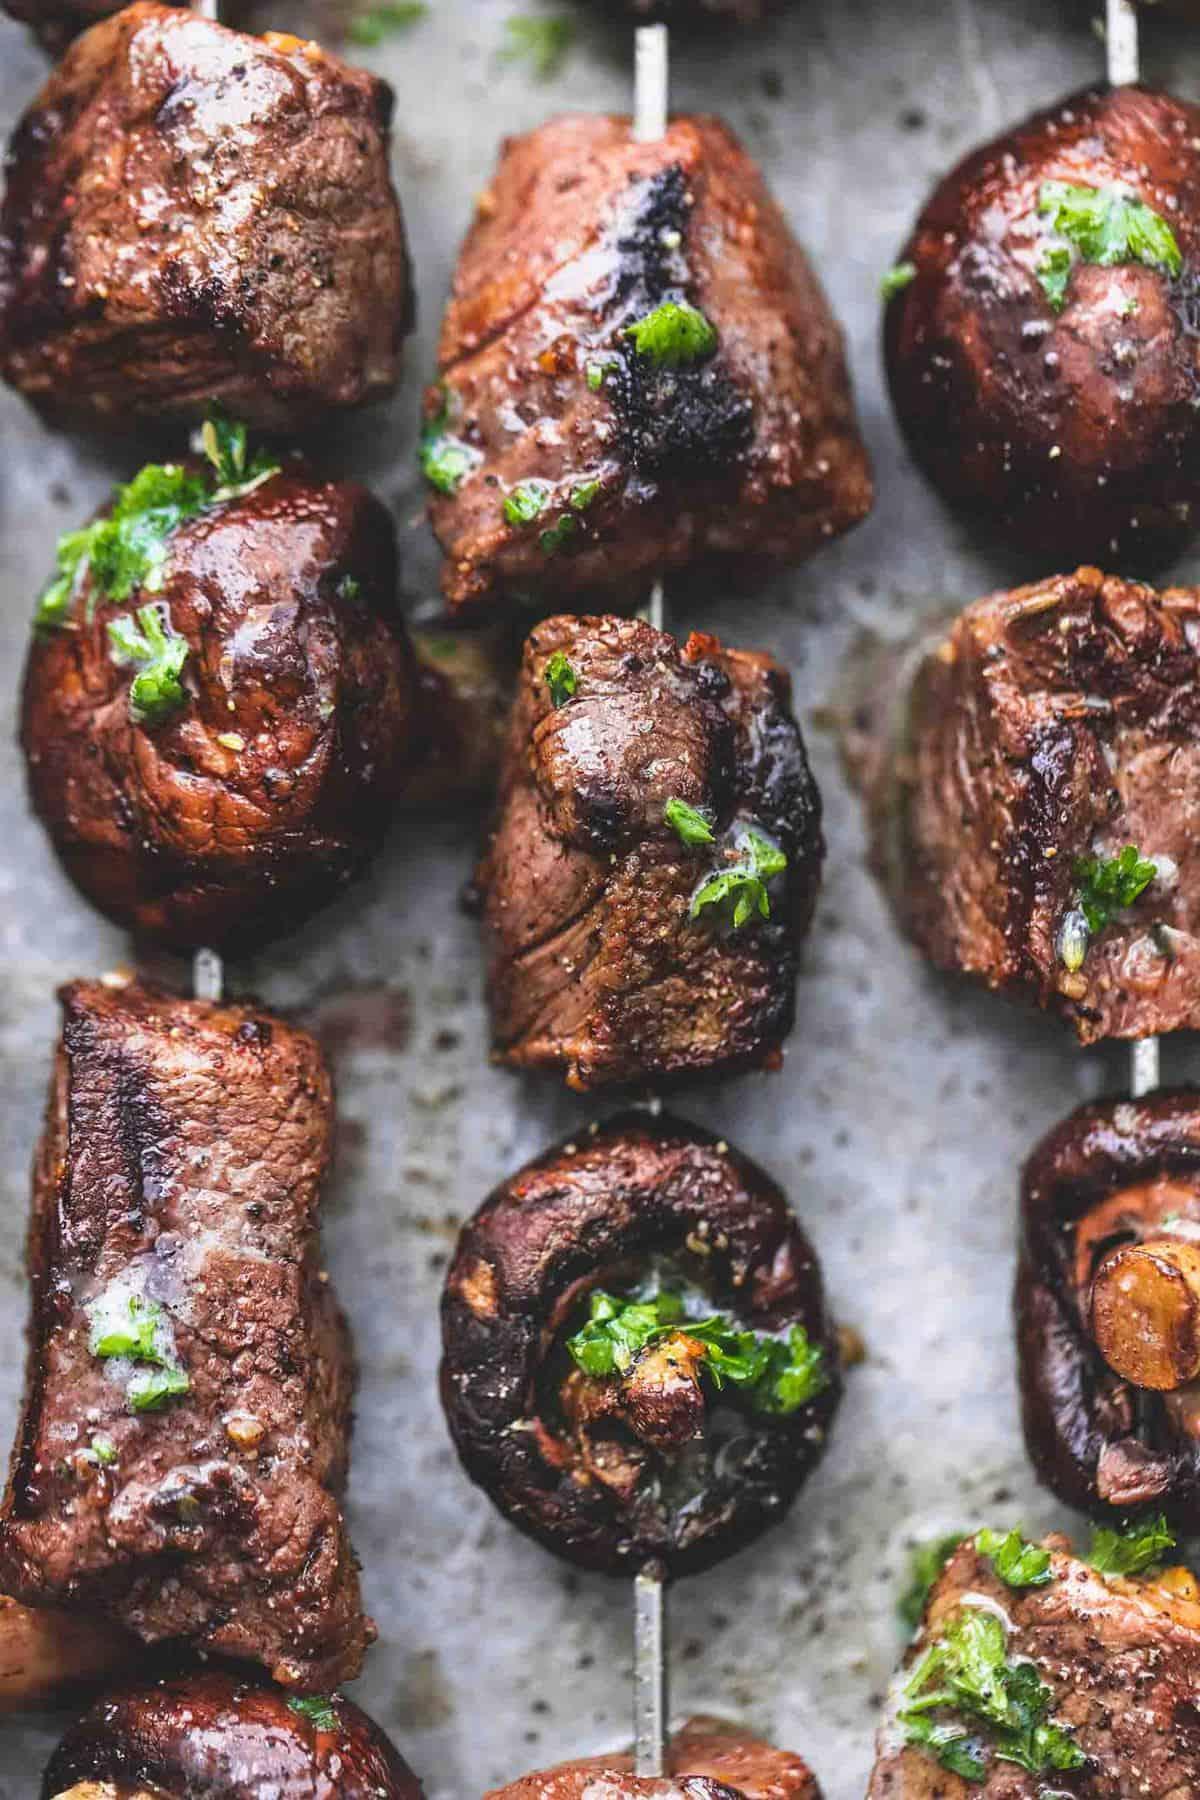 Grilled Steak and Mushroom Kabobs easy beef dinner skewer recipe   lecremedelacrumb.com